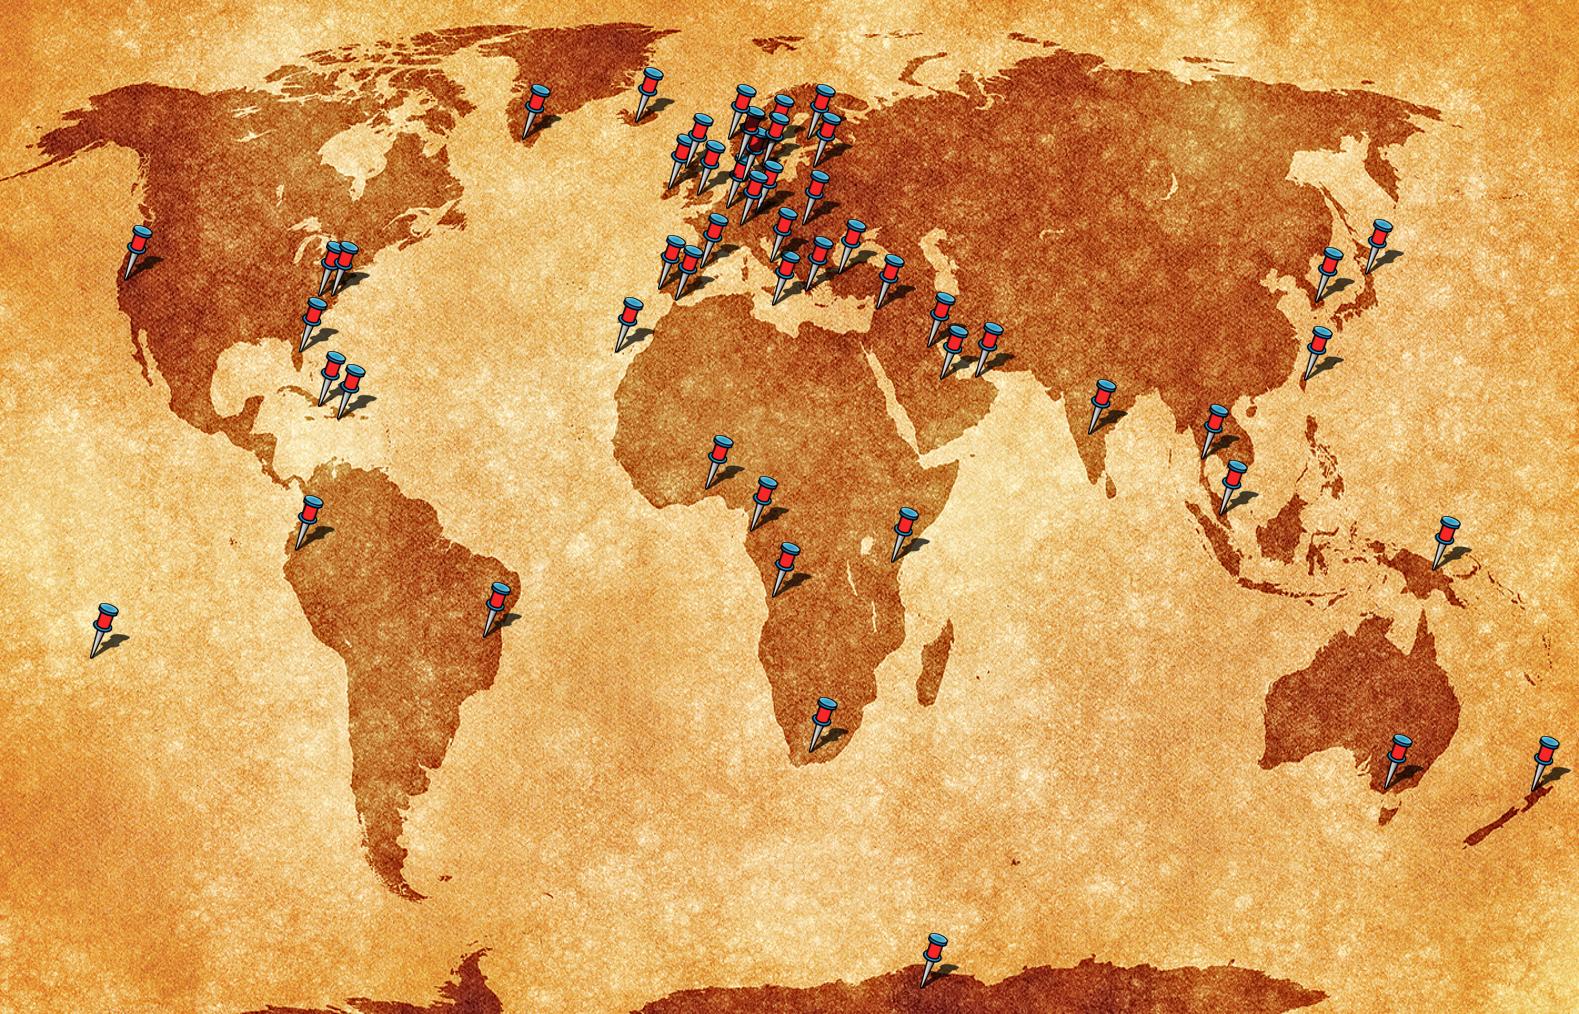 SoftRadio customers around the globe